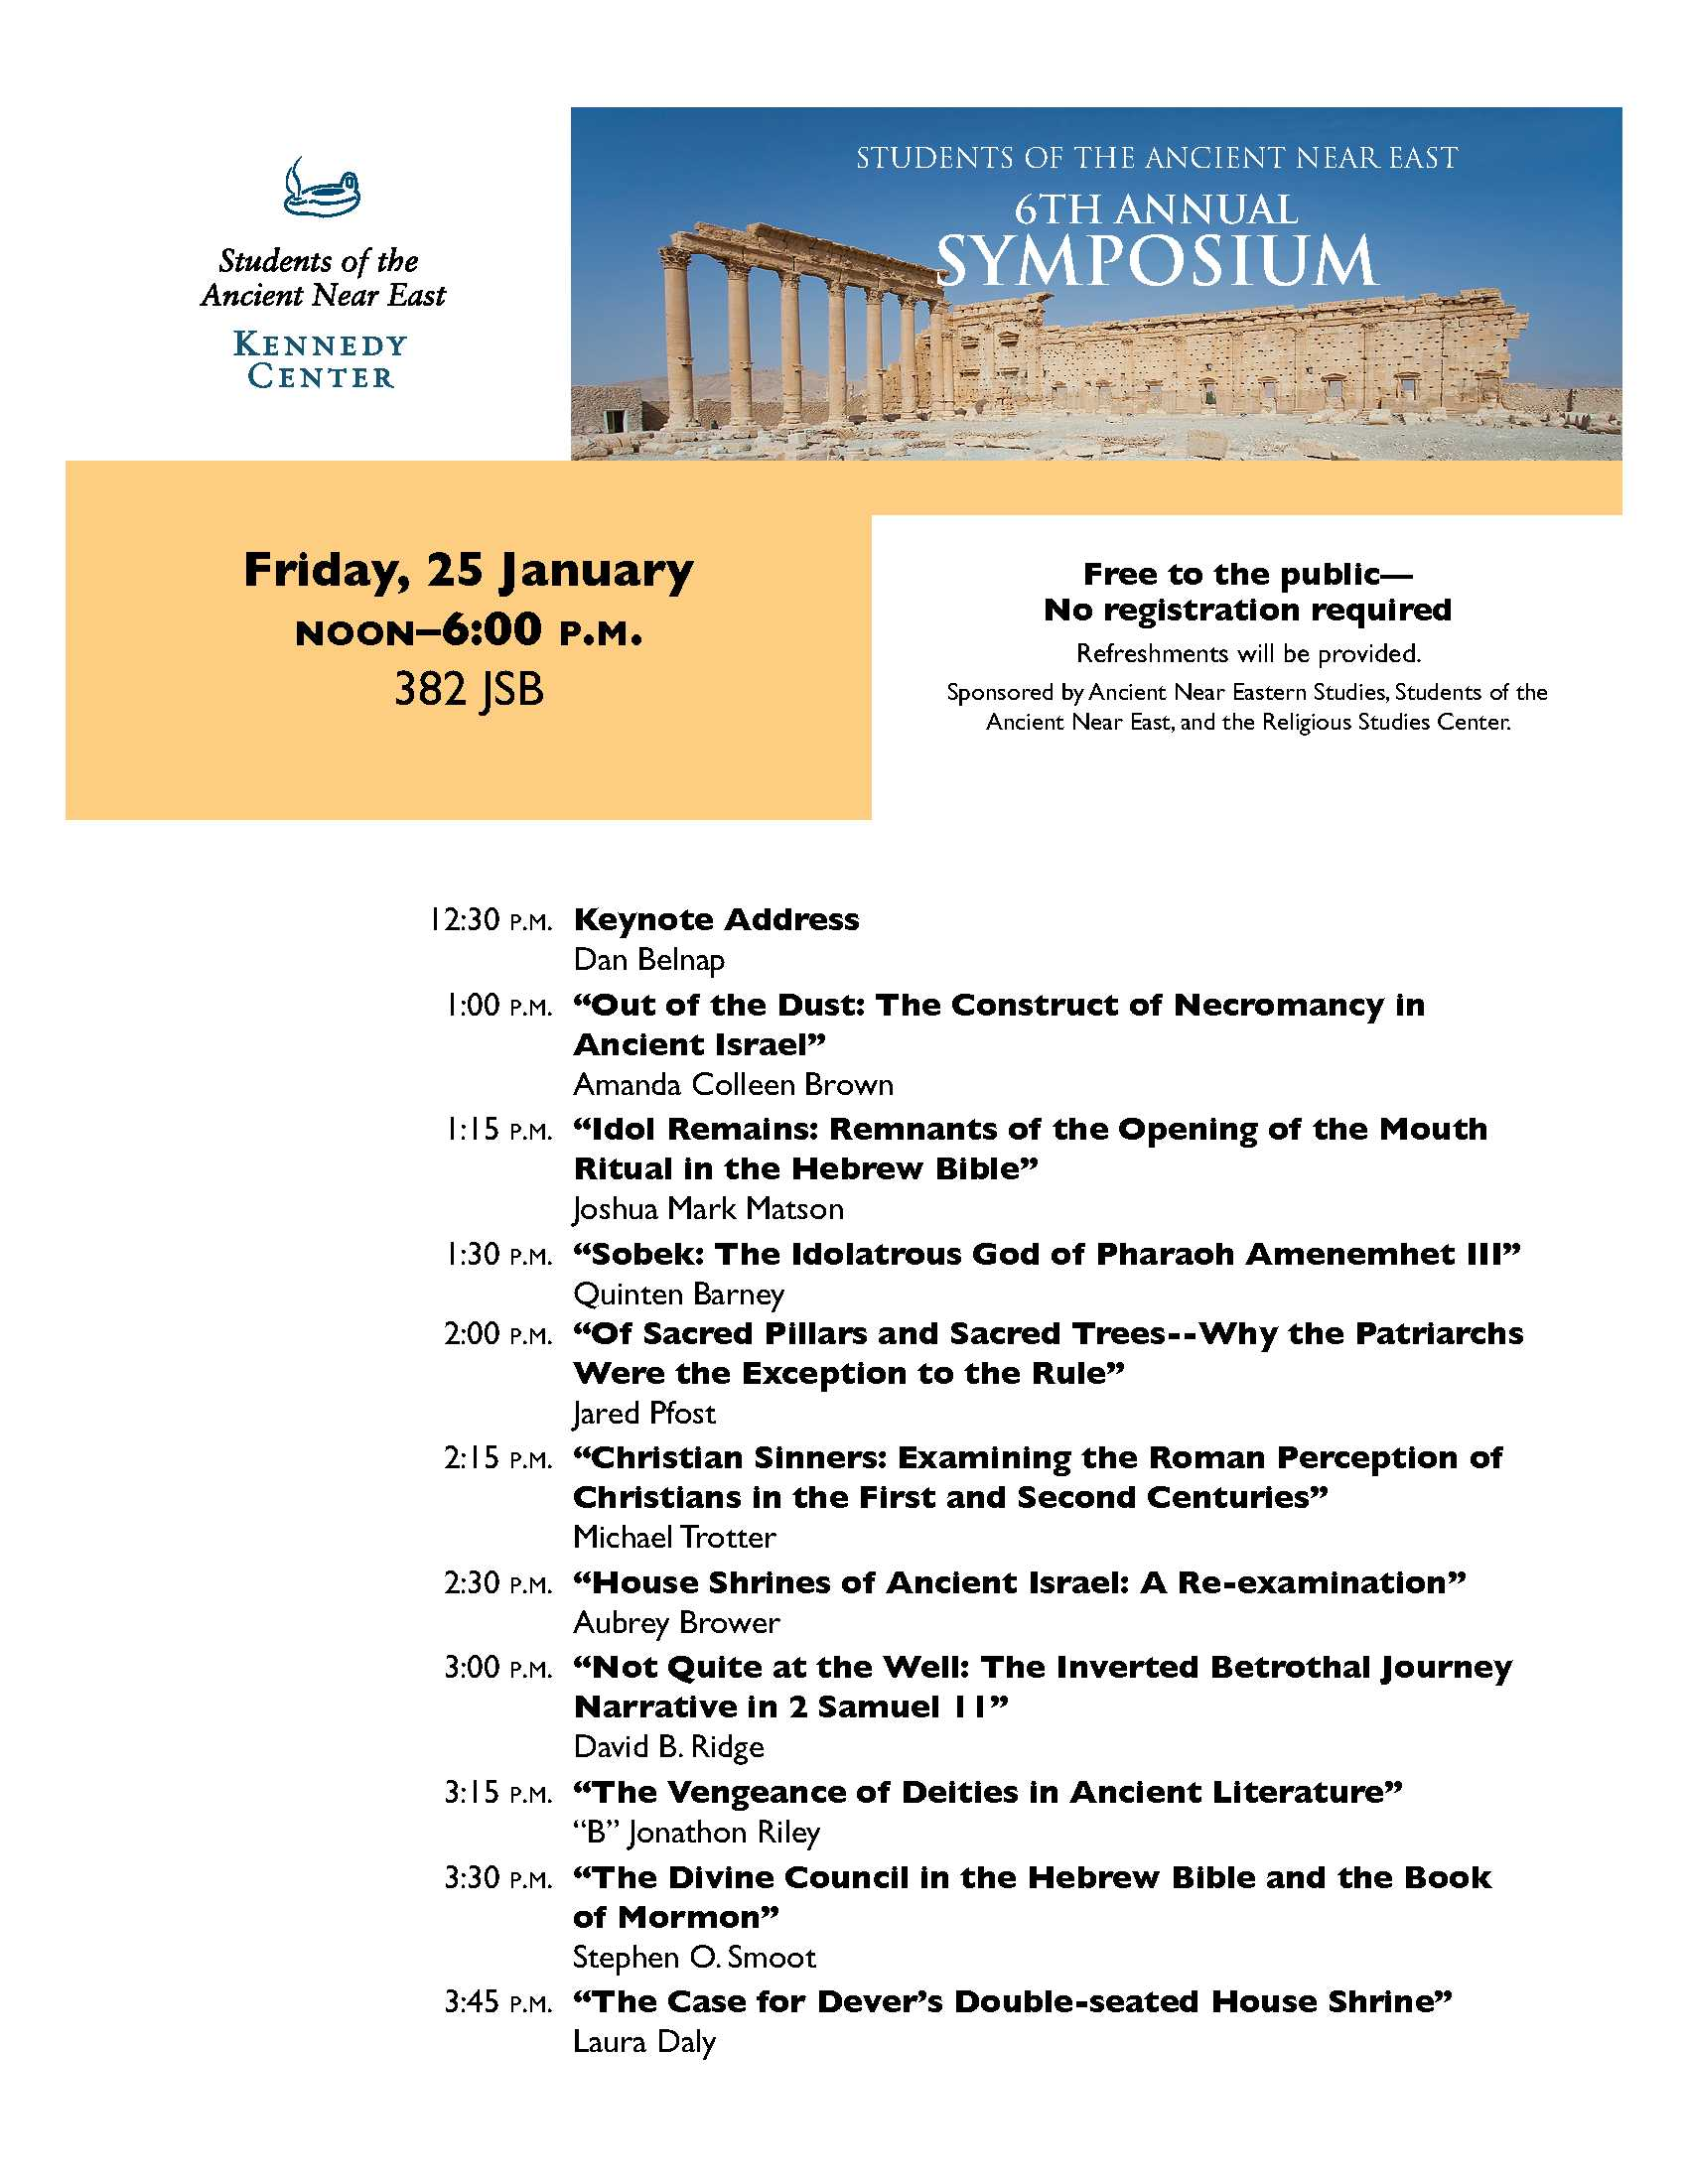 SANEsymposium_25jan13-1